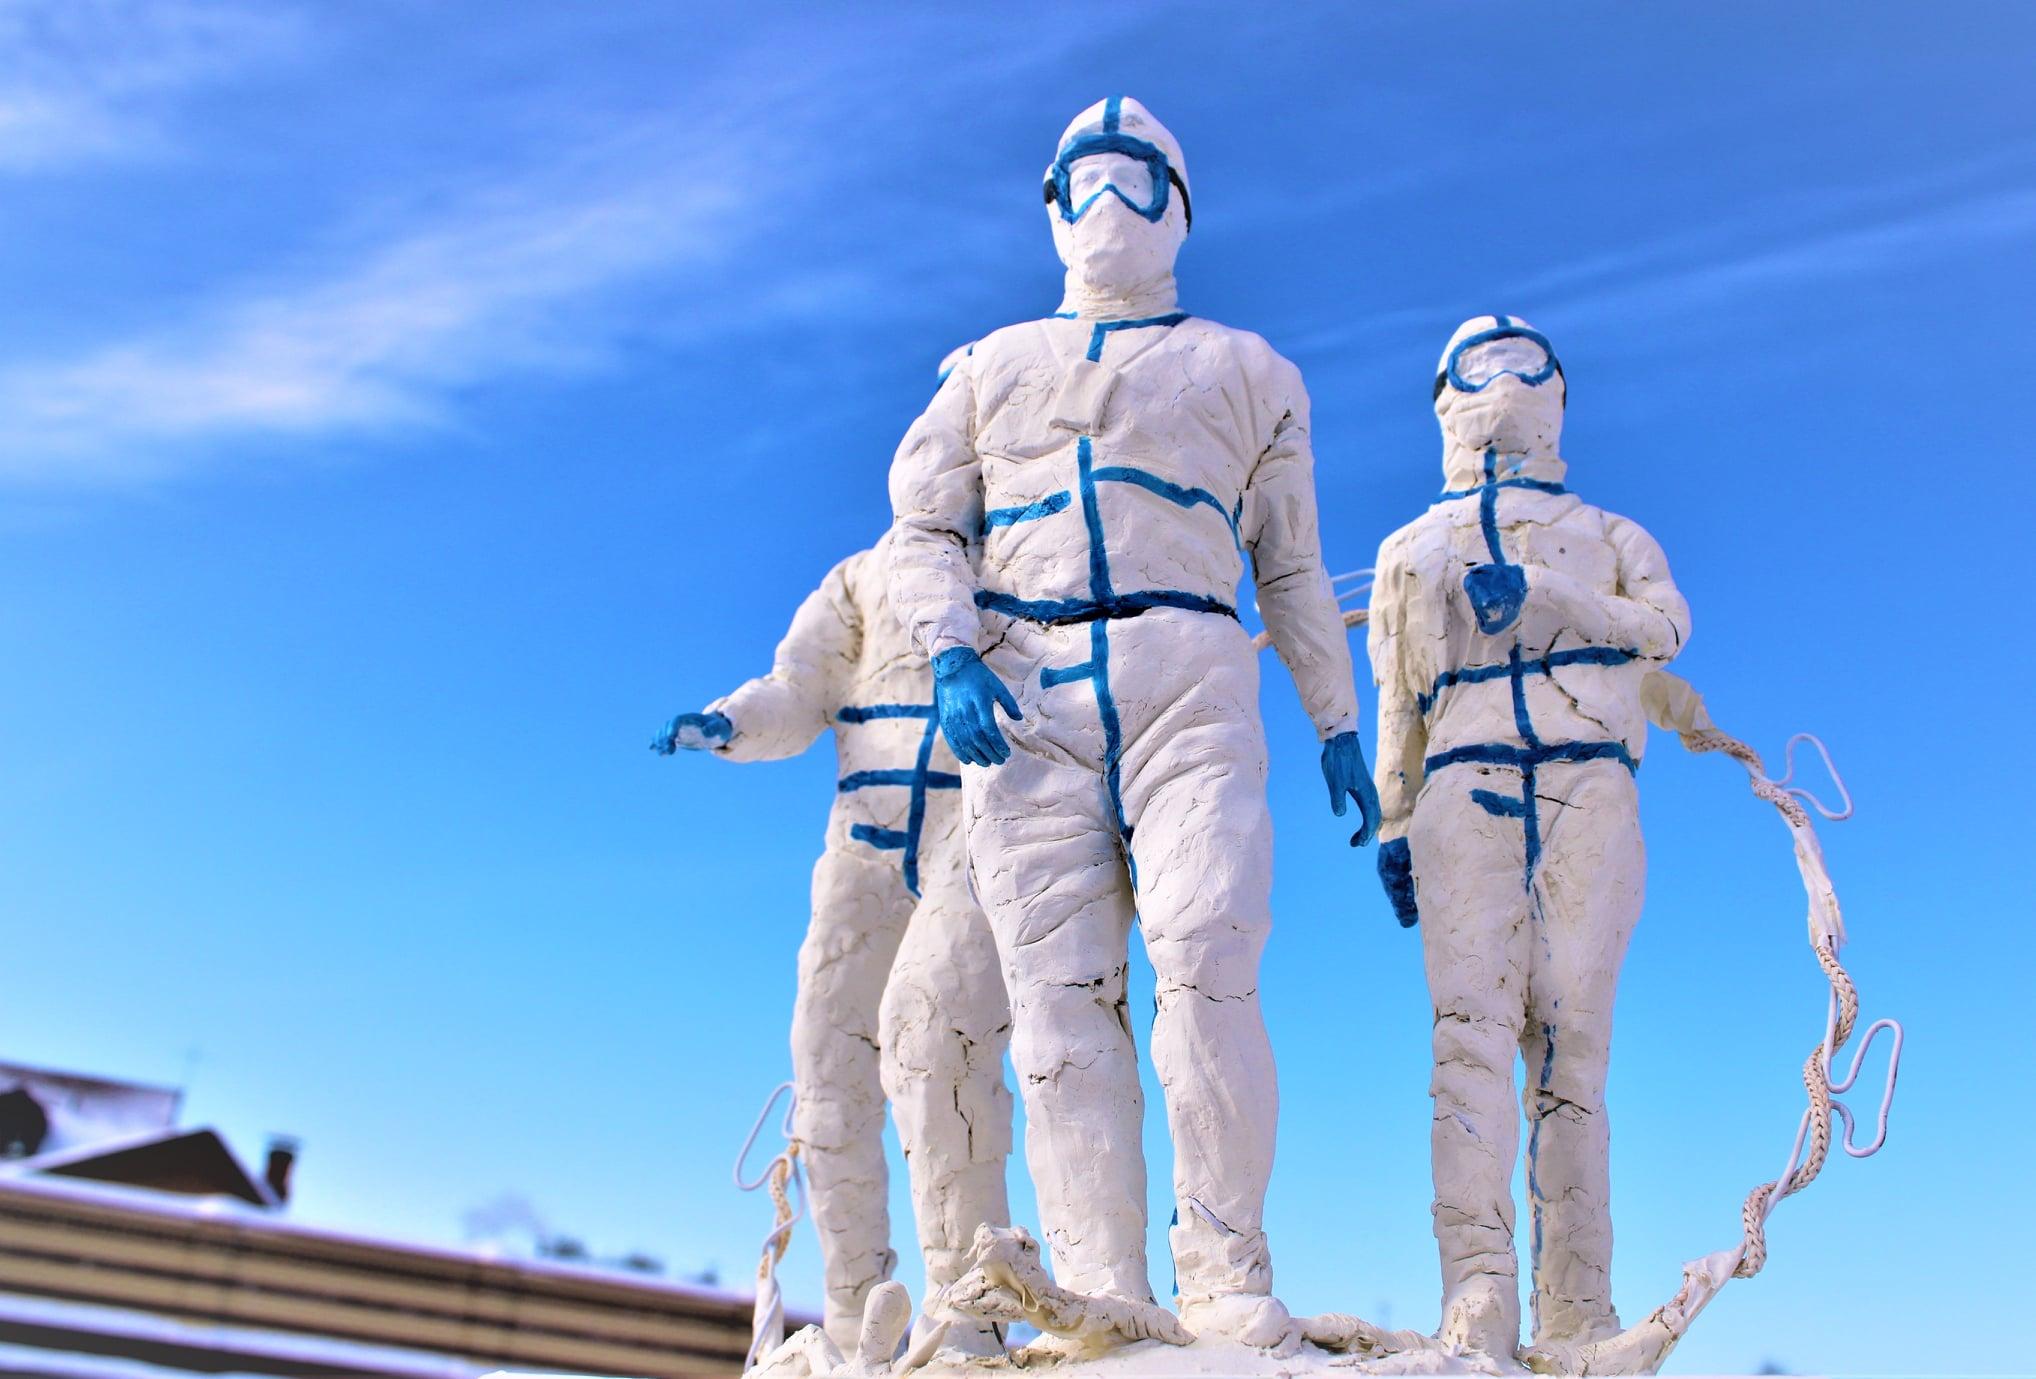 Тверской монах сделал эскиз памятника врачам с огромной бактерией за спиной